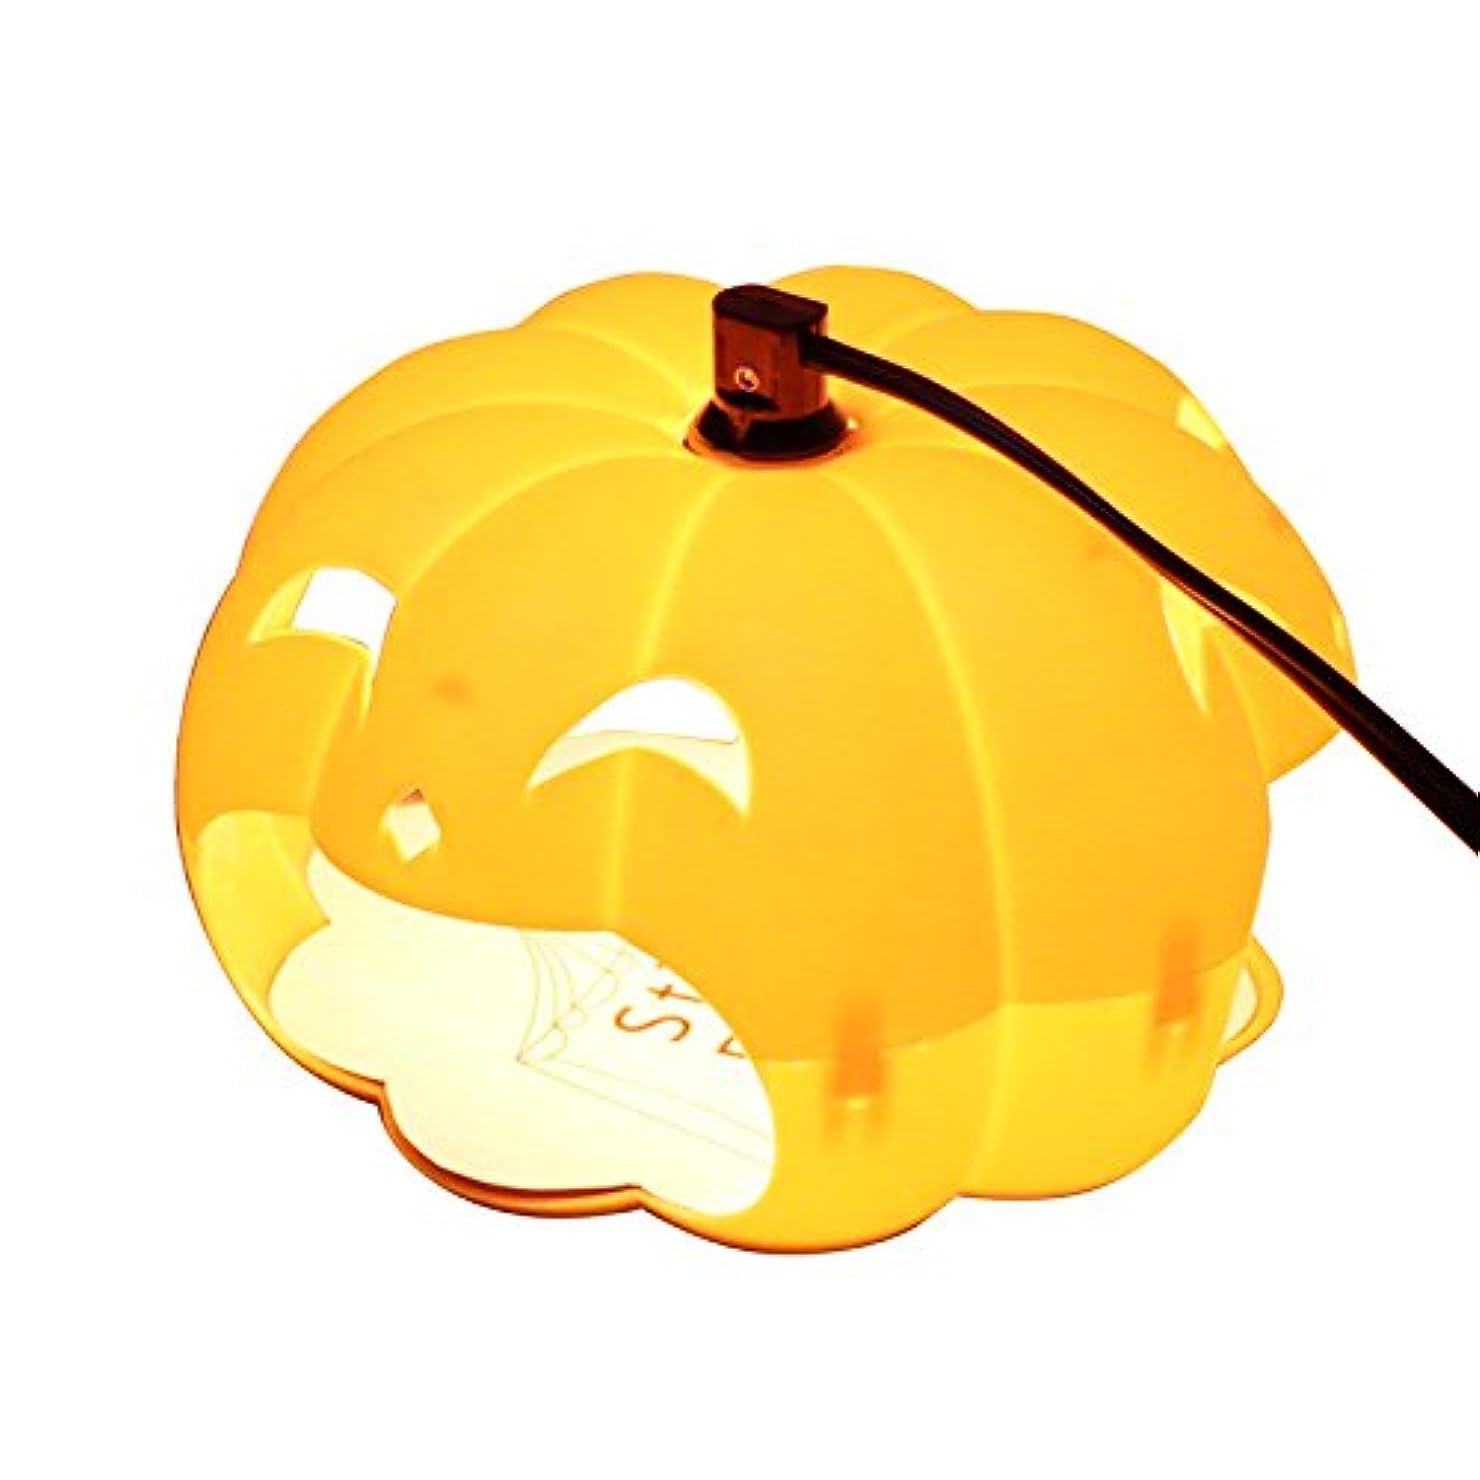 蚊ランプ、インテリジェントな蚊の殺し屋、屋内LED吸引トラップ蚊ランプ